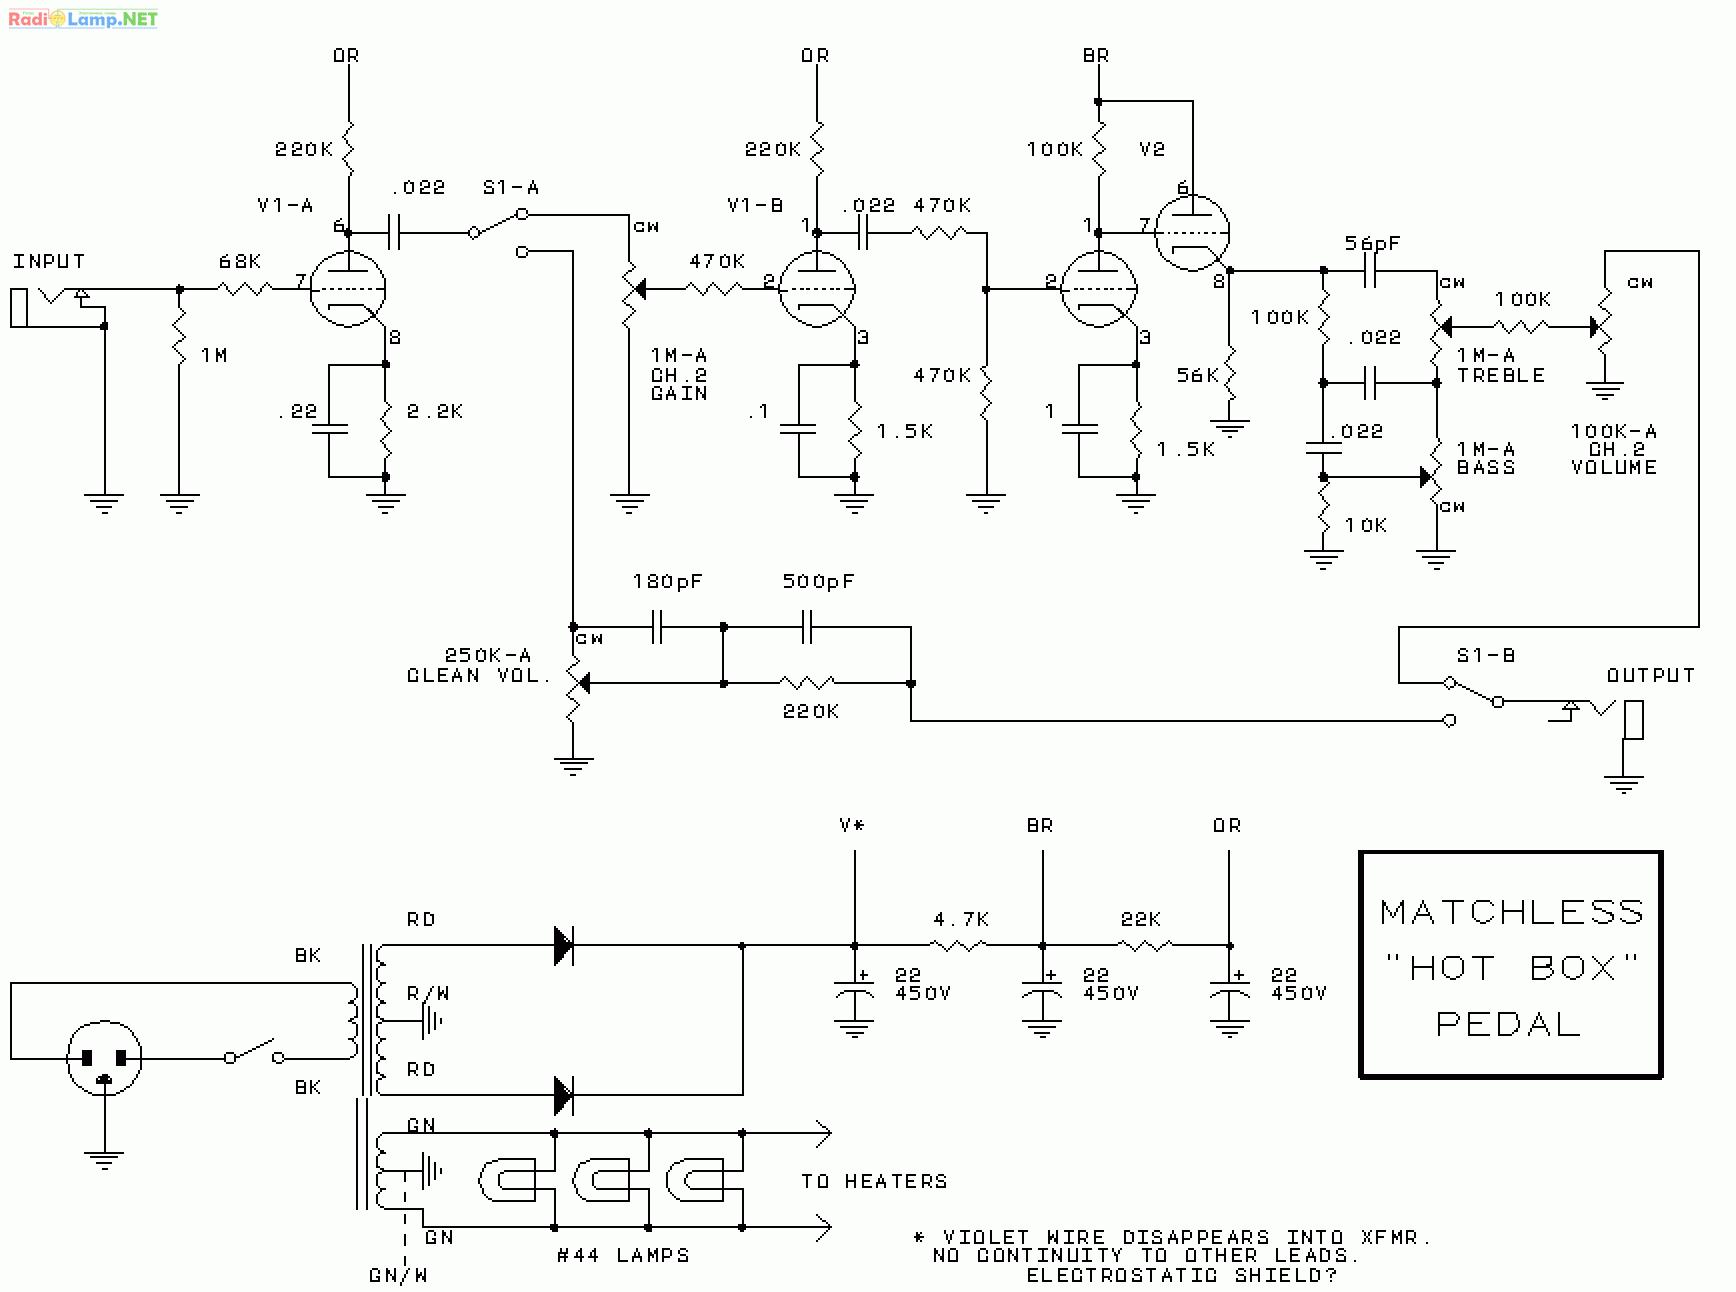 гибридный преамп схема